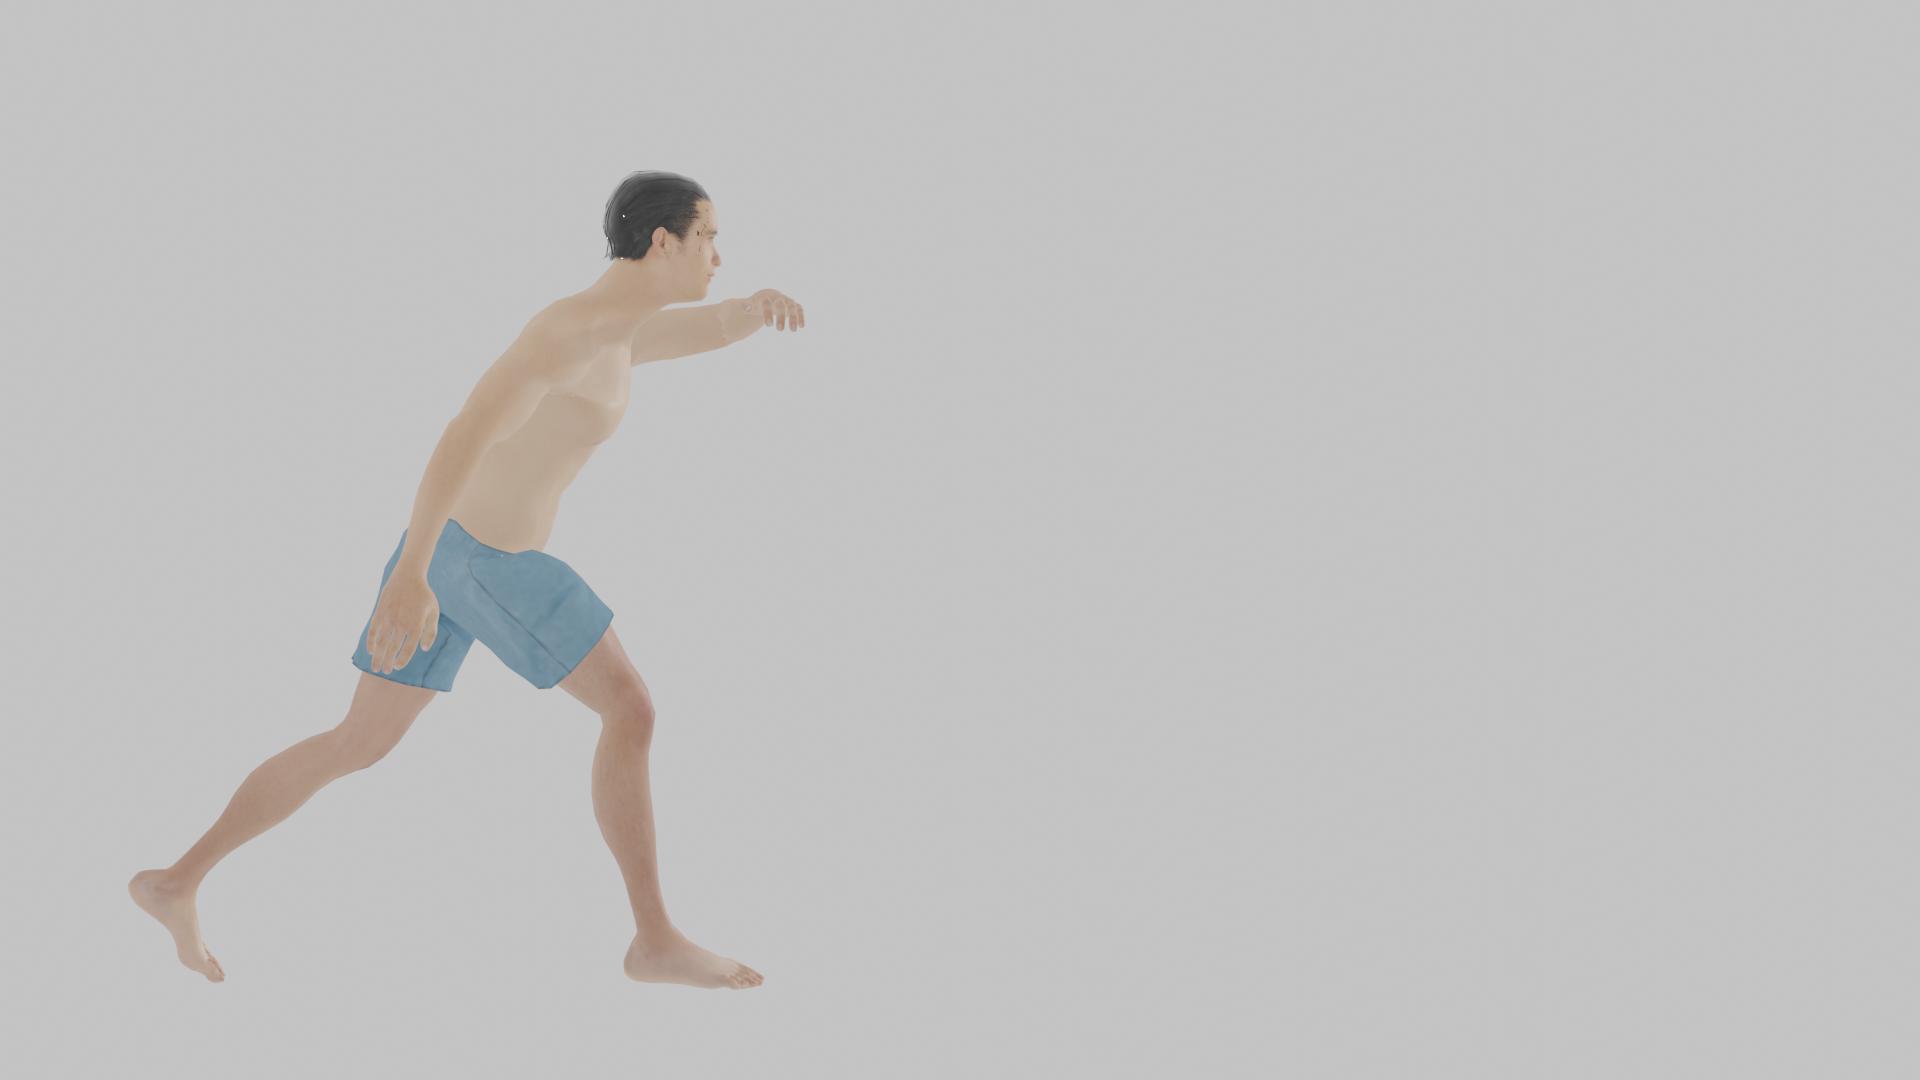 腰を落として顔面を守りつつ左右にゆらゆら移動する、カポエイラの基本ステップ、ジンガ